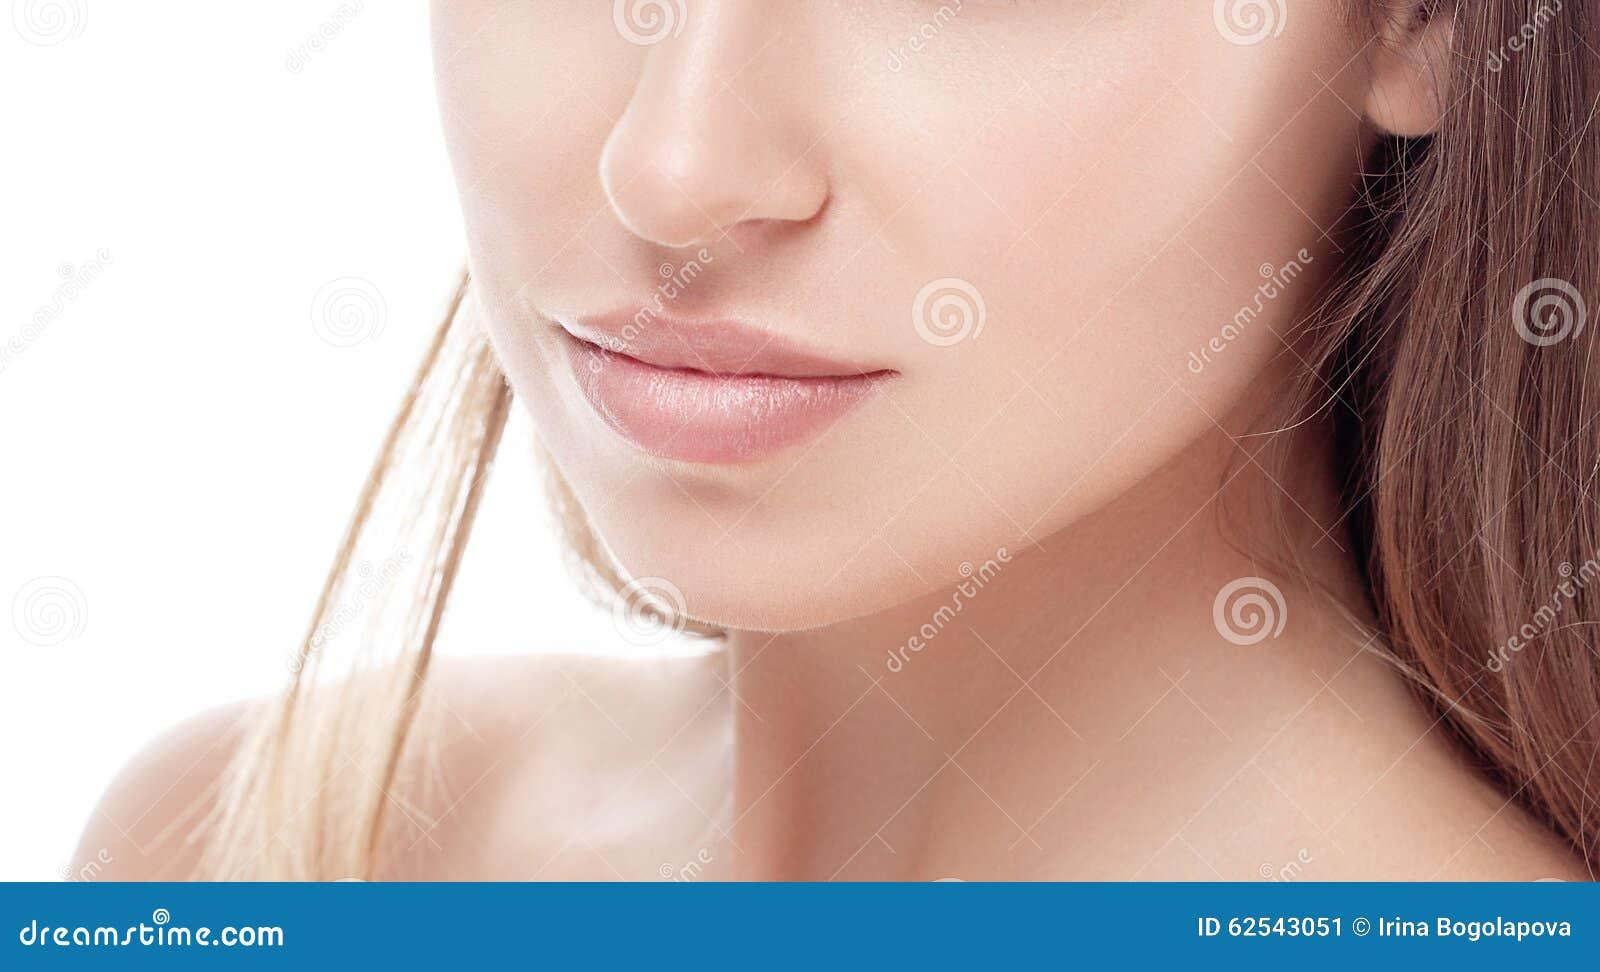 Młoda kobieta nosa podbródek i ramię portret stawiamy czoło z seksownymi wargami